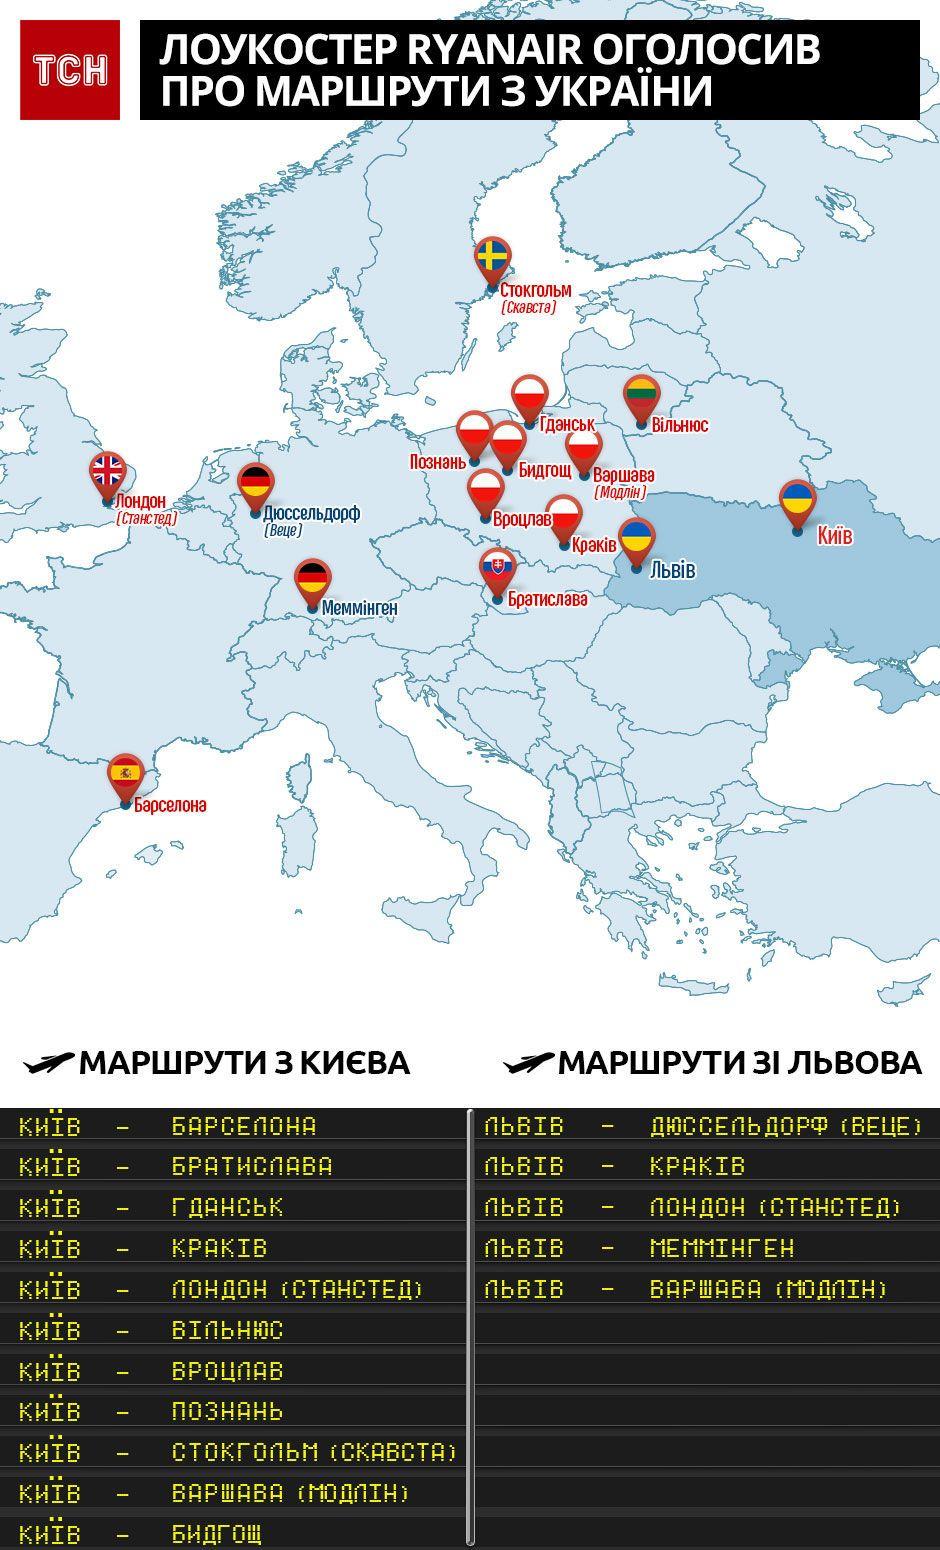 нові рейси лоукостера Ryanair з України, 26 червня, інфографіка